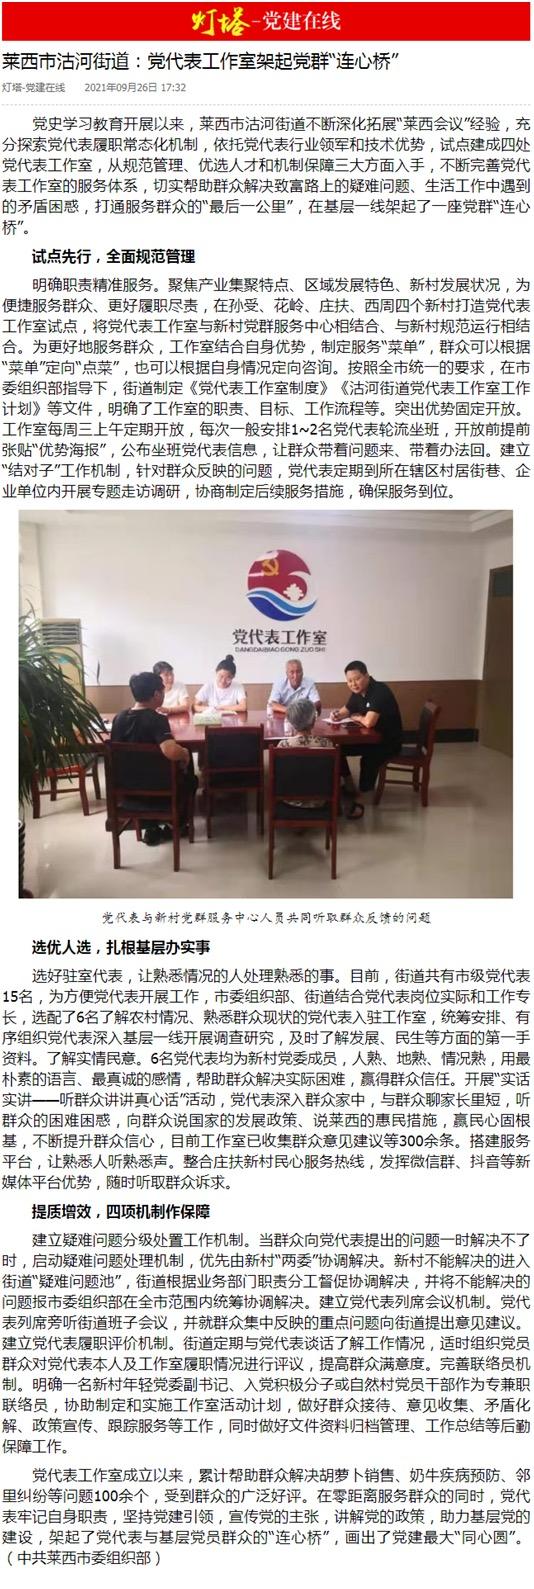 """青岛莱西沽河街道党代表工作室架起党群""""连心桥"""""""